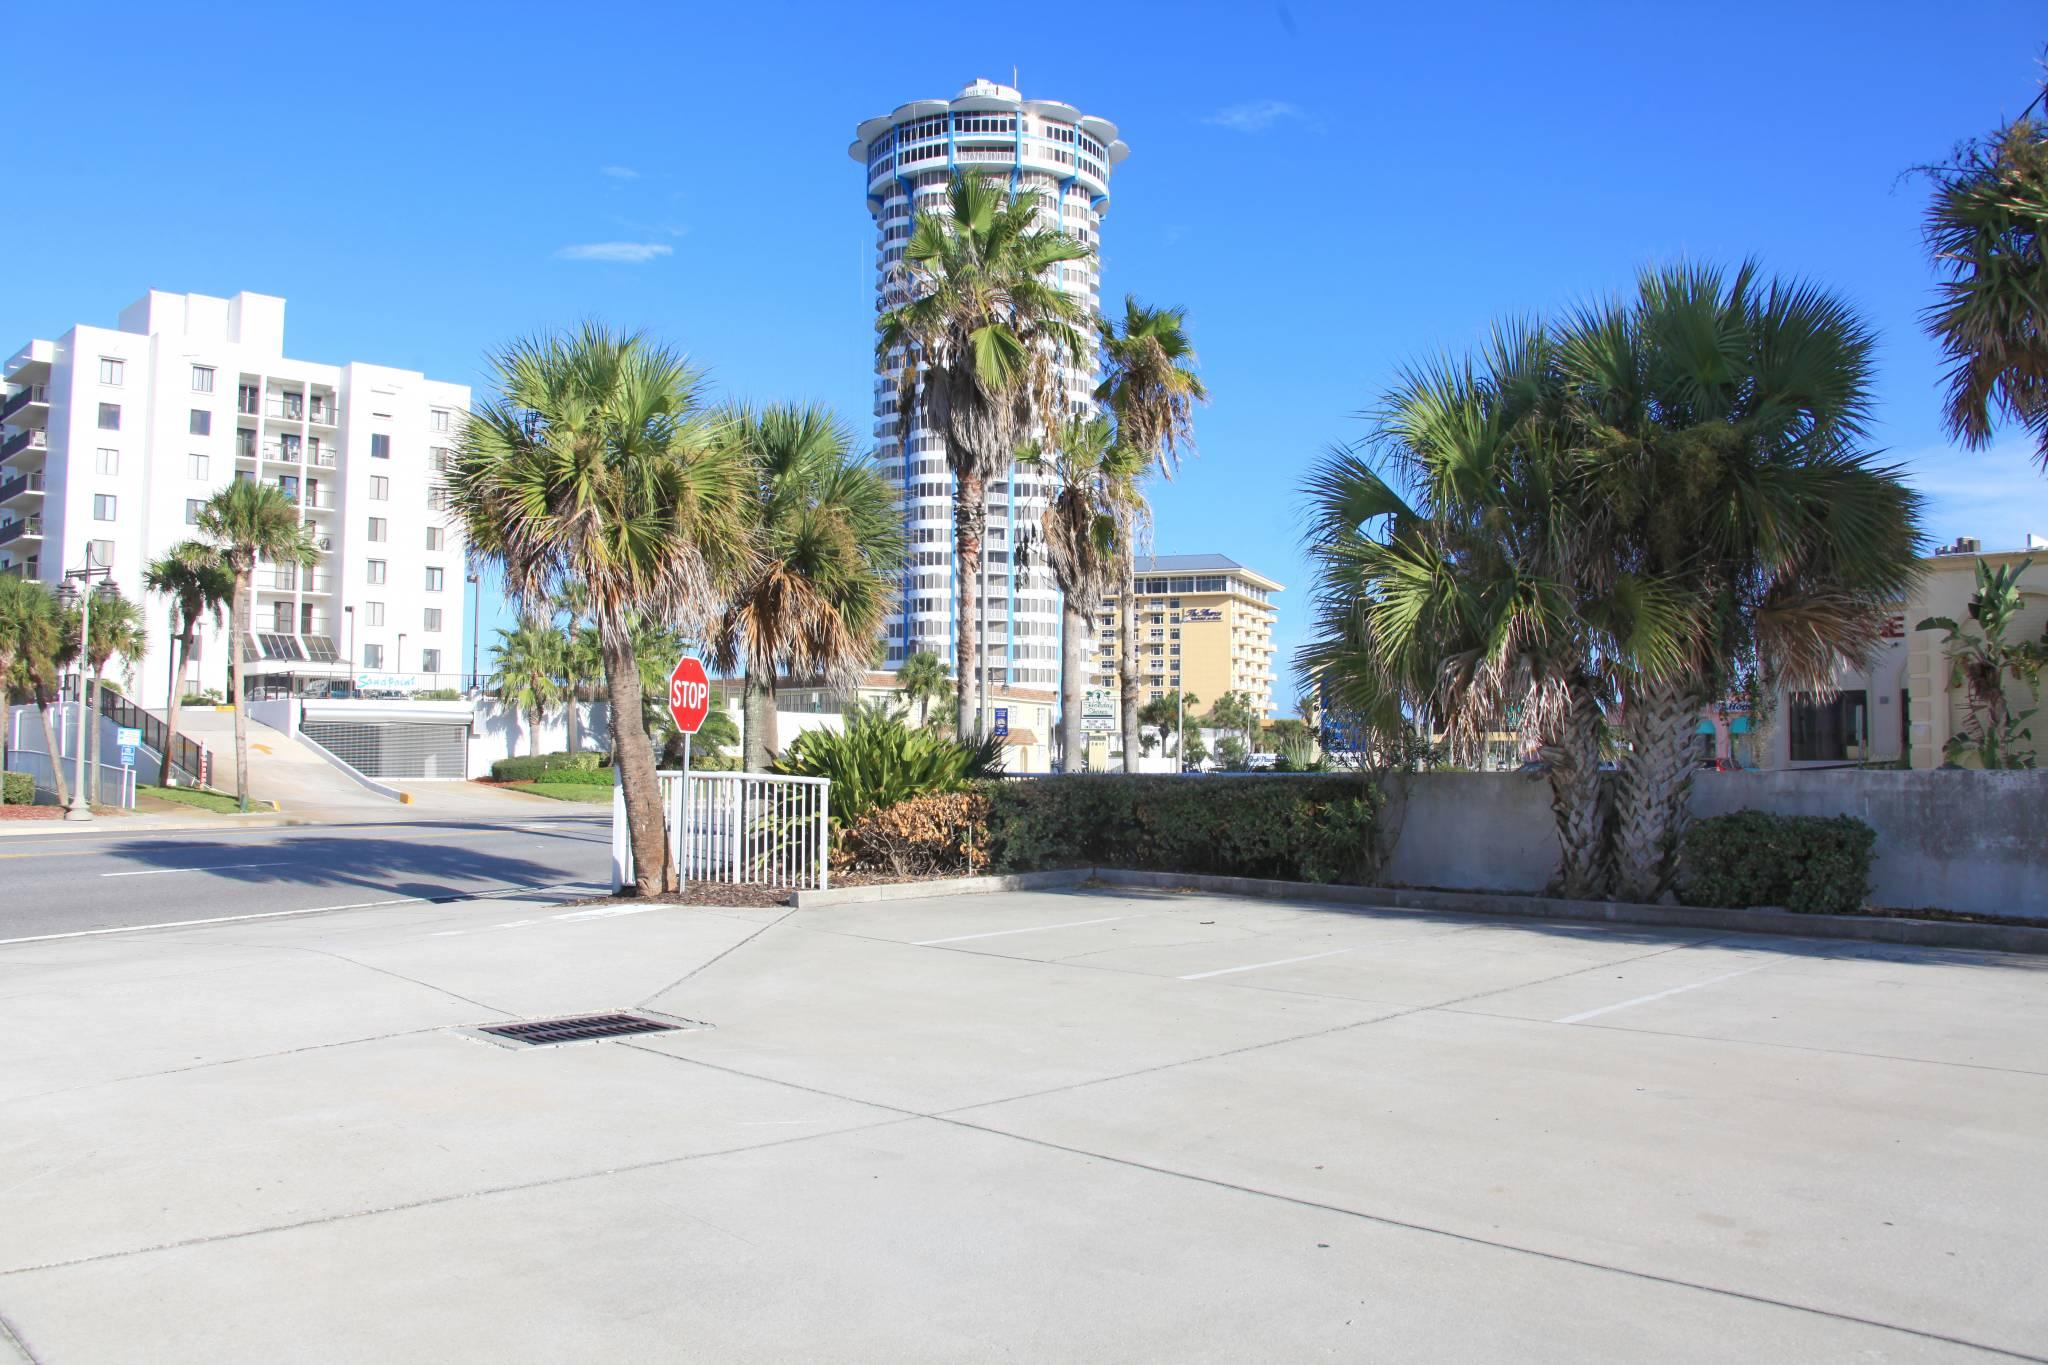 East Orange Avenue Daytona Beach Florida